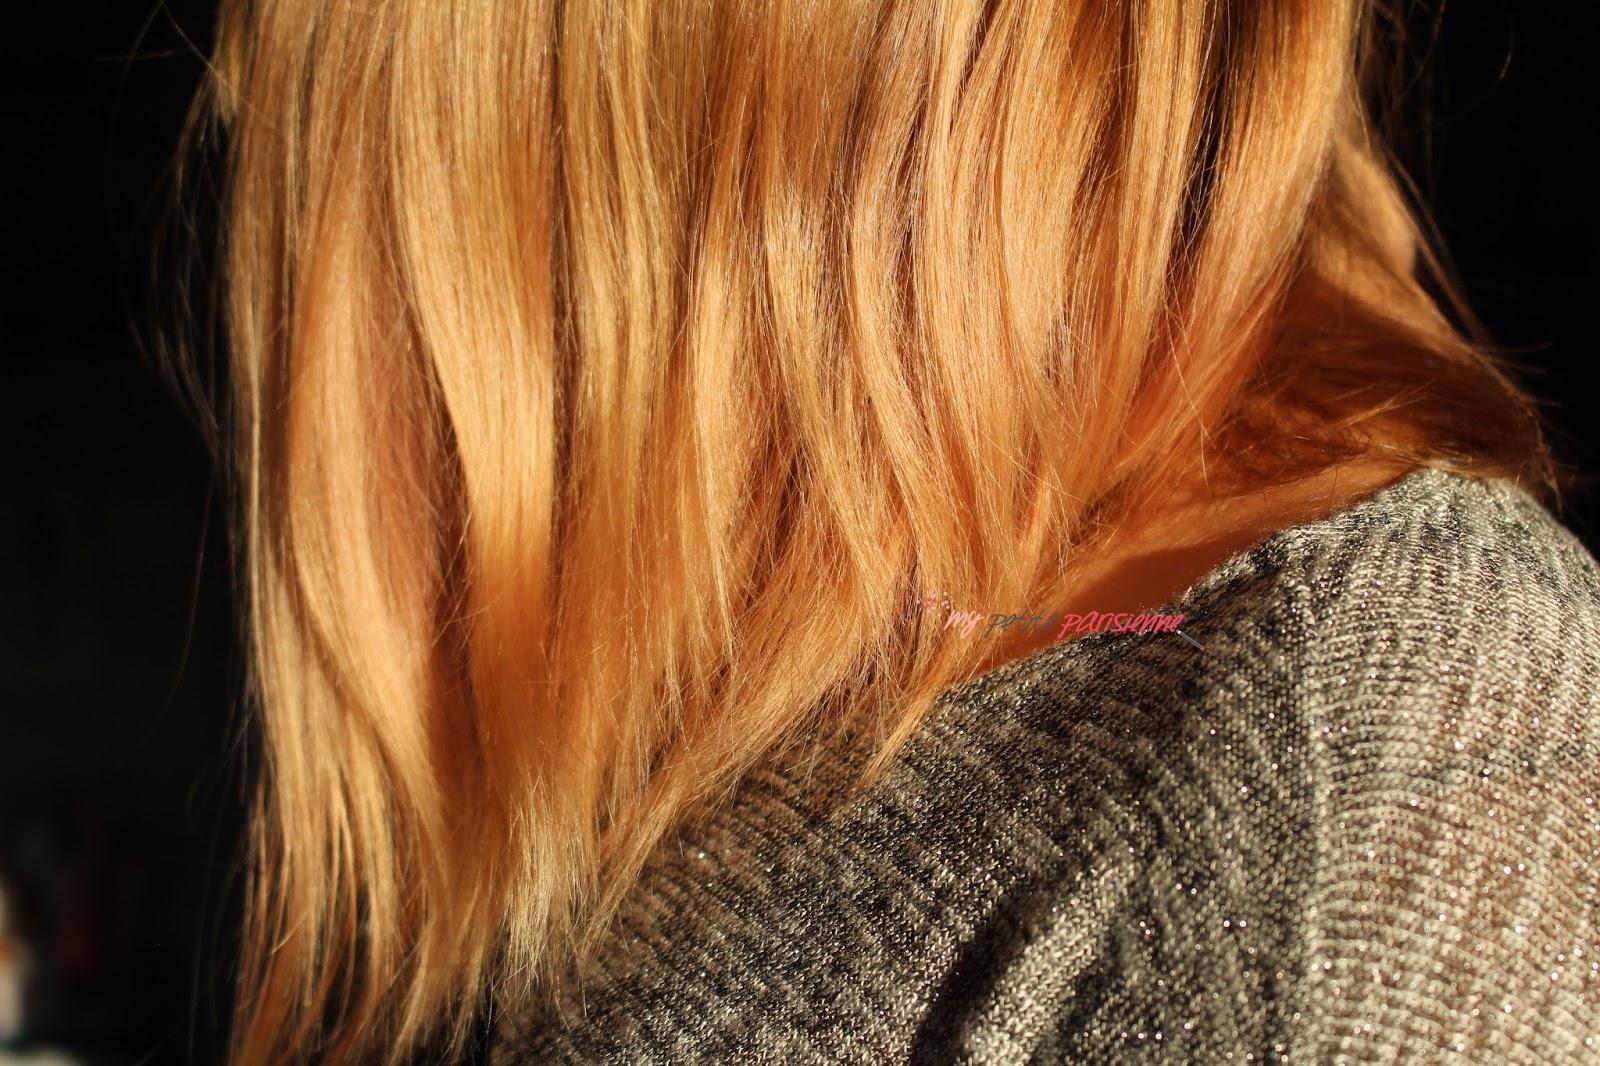 Comment enlever la couleur orange des cheveux